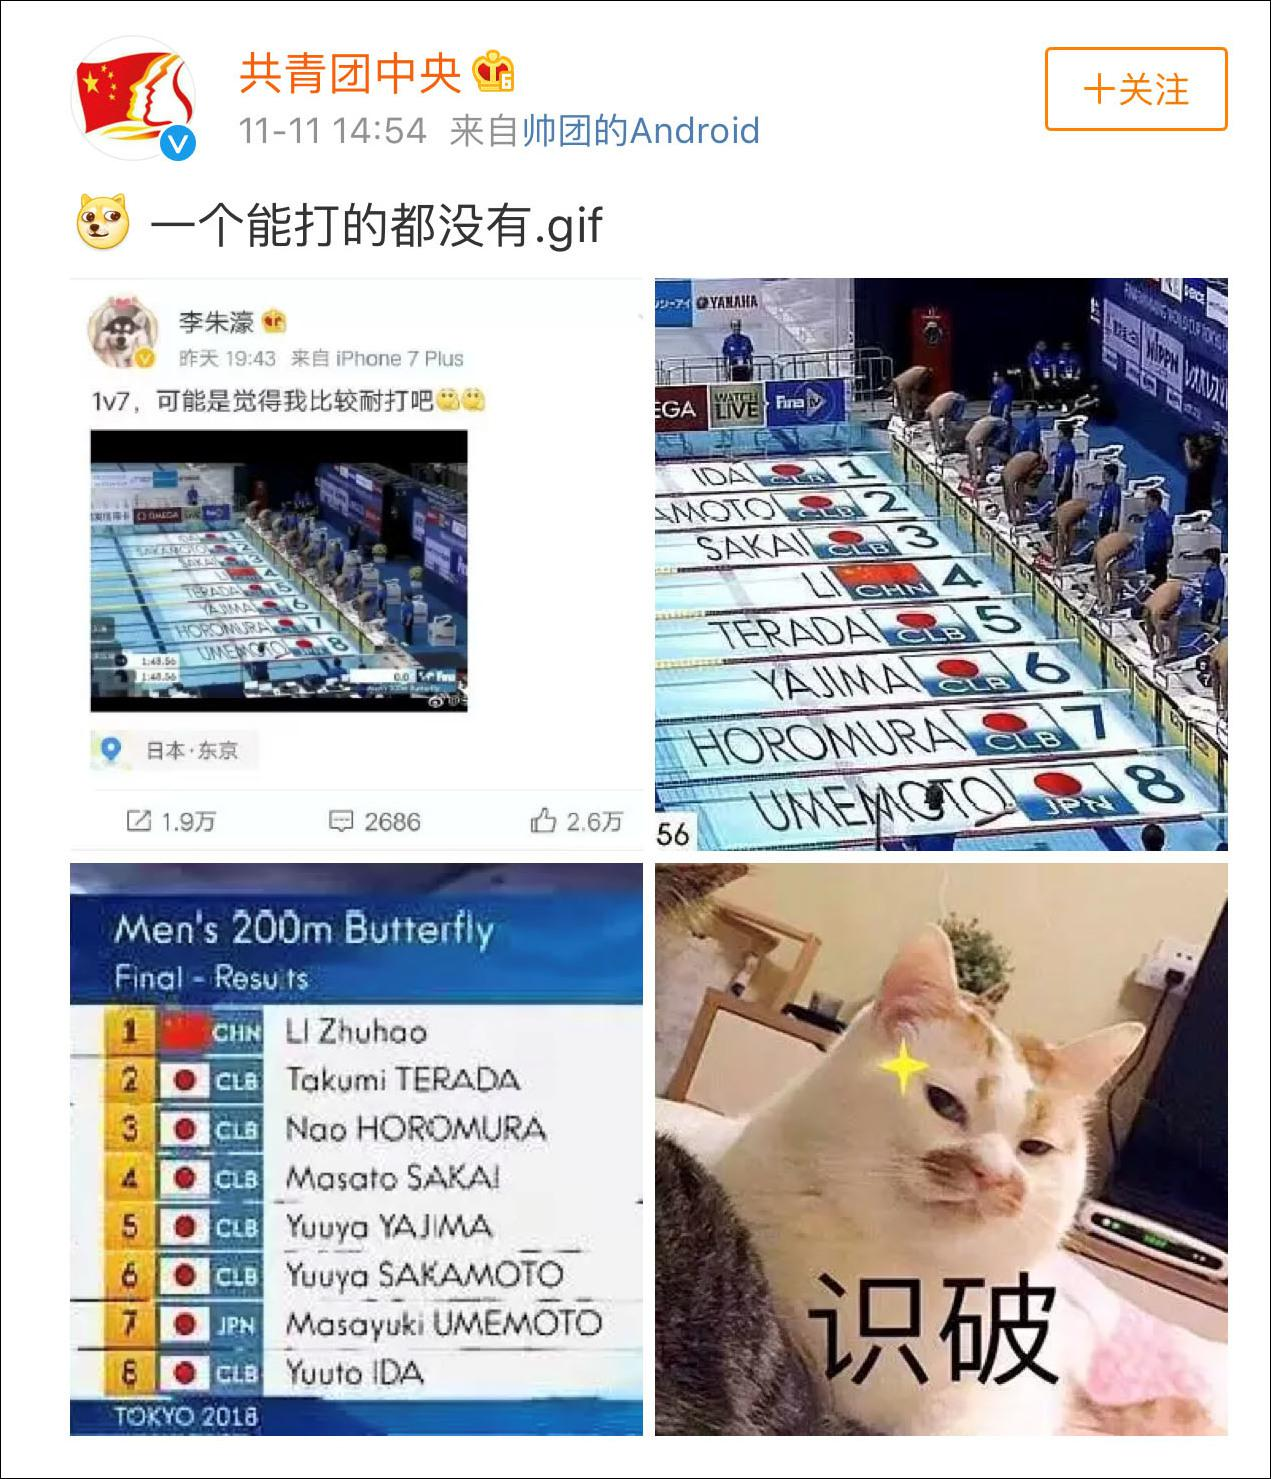 李朱濠1人單挑力壓7位日本選手 奪得200米蝶泳冠軍